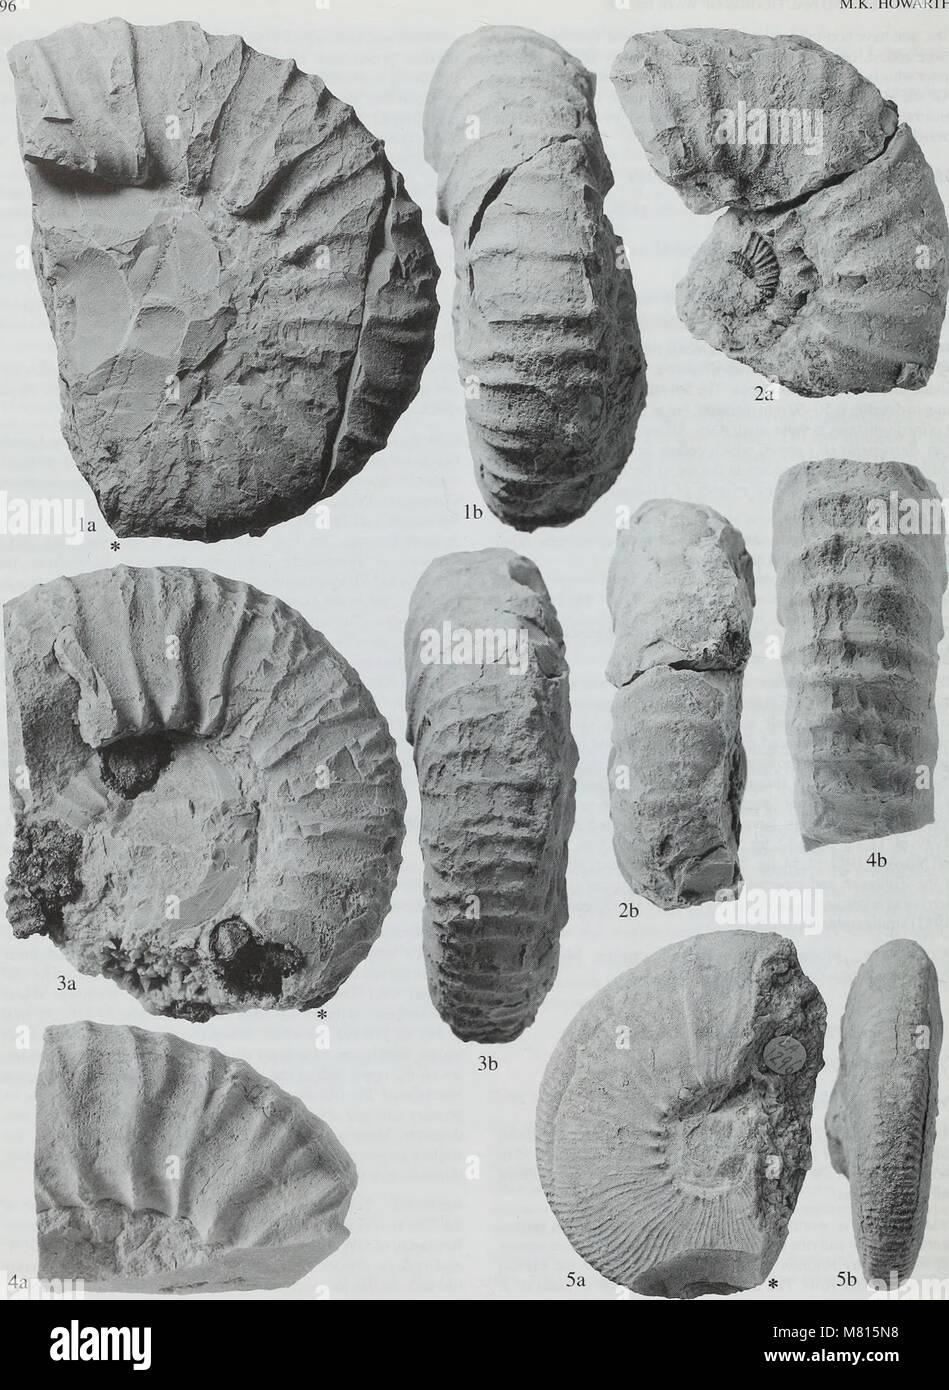 Boletín del Museo Histort Natural. Serie de Geología (1998) (20494283575) Foto de stock